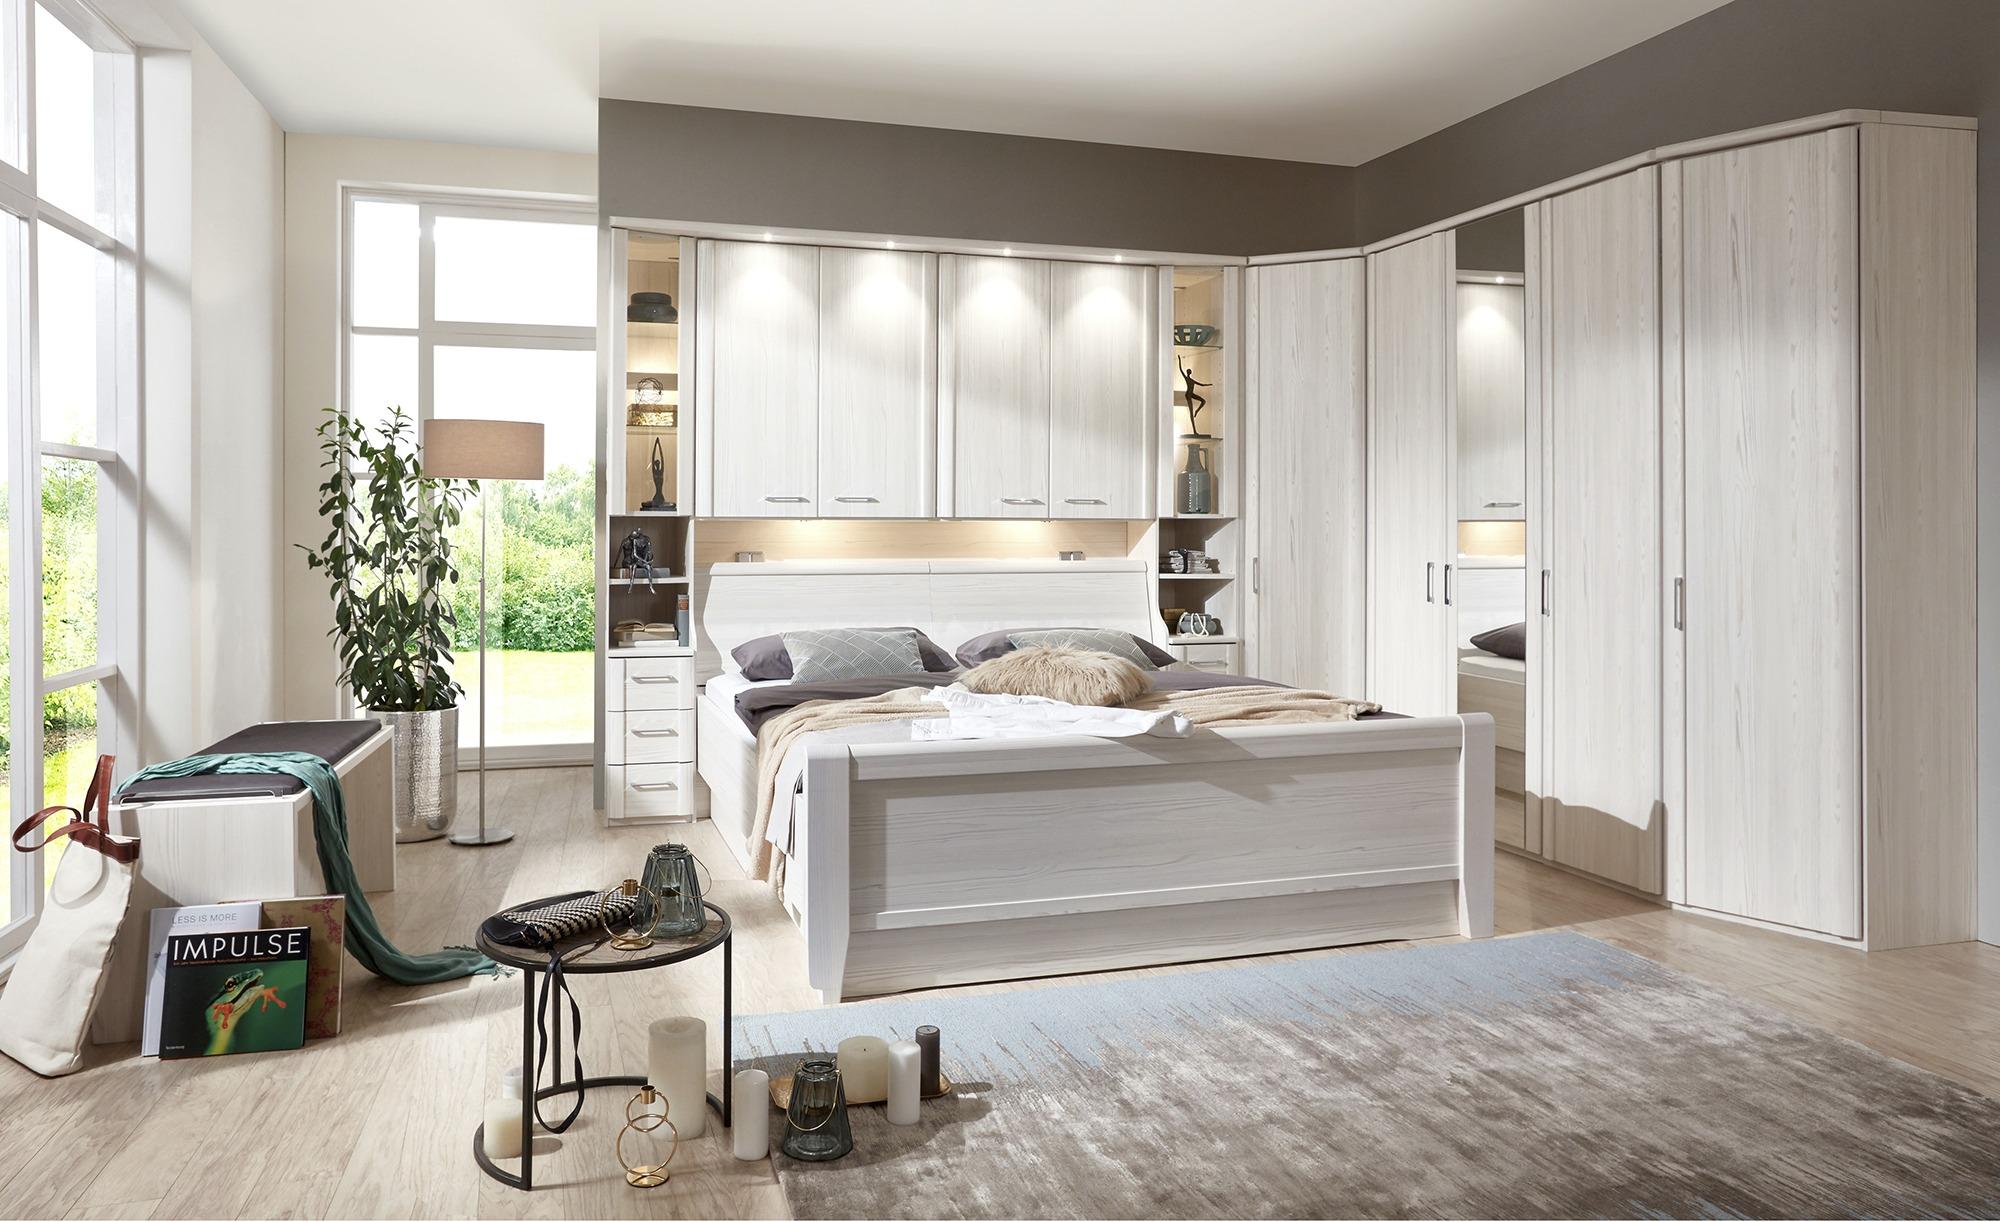 Full Size of Schlafzimmer überbau Komplett Luxor 4 Mbel Hffner Gardinen Weißes Nolte Komplettangebote Wandtattoo Deckenleuchten Weiß Wiemann Teppich Weiss Loddenkemper Wohnzimmer Schlafzimmer überbau